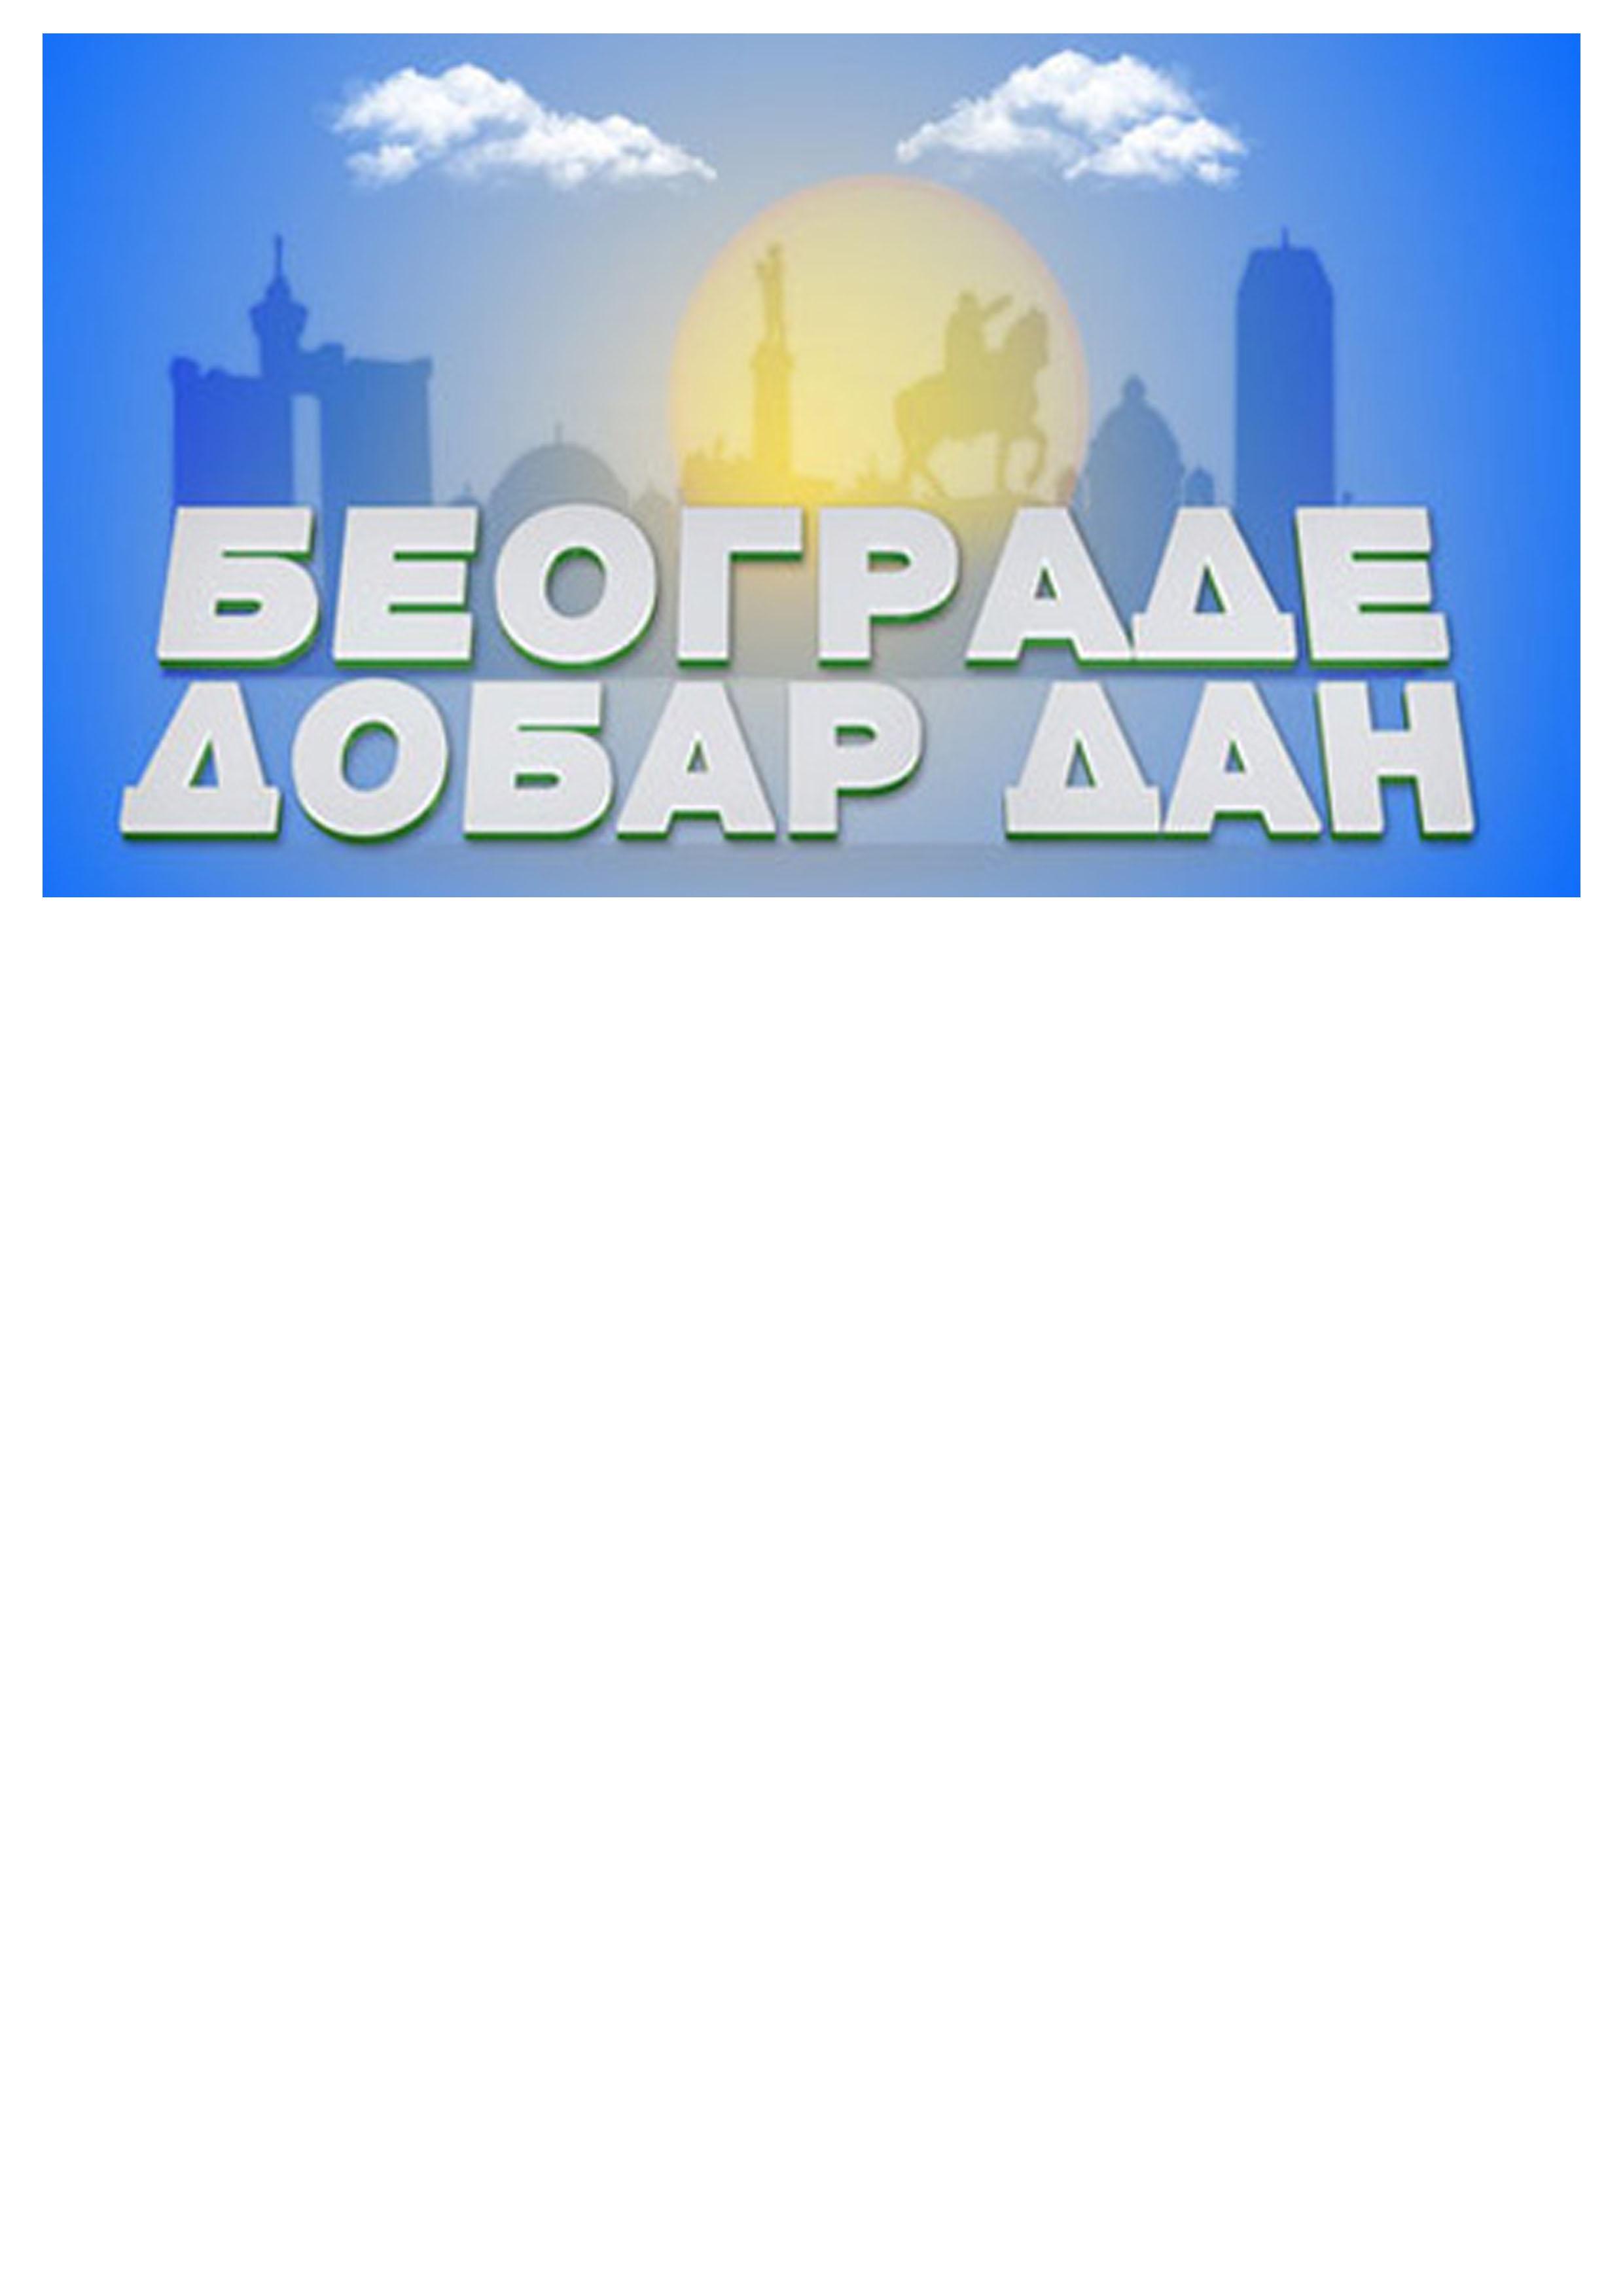 """ТВ Студио Б - Гостовање у емисији """"Београде, добар дан"""""""